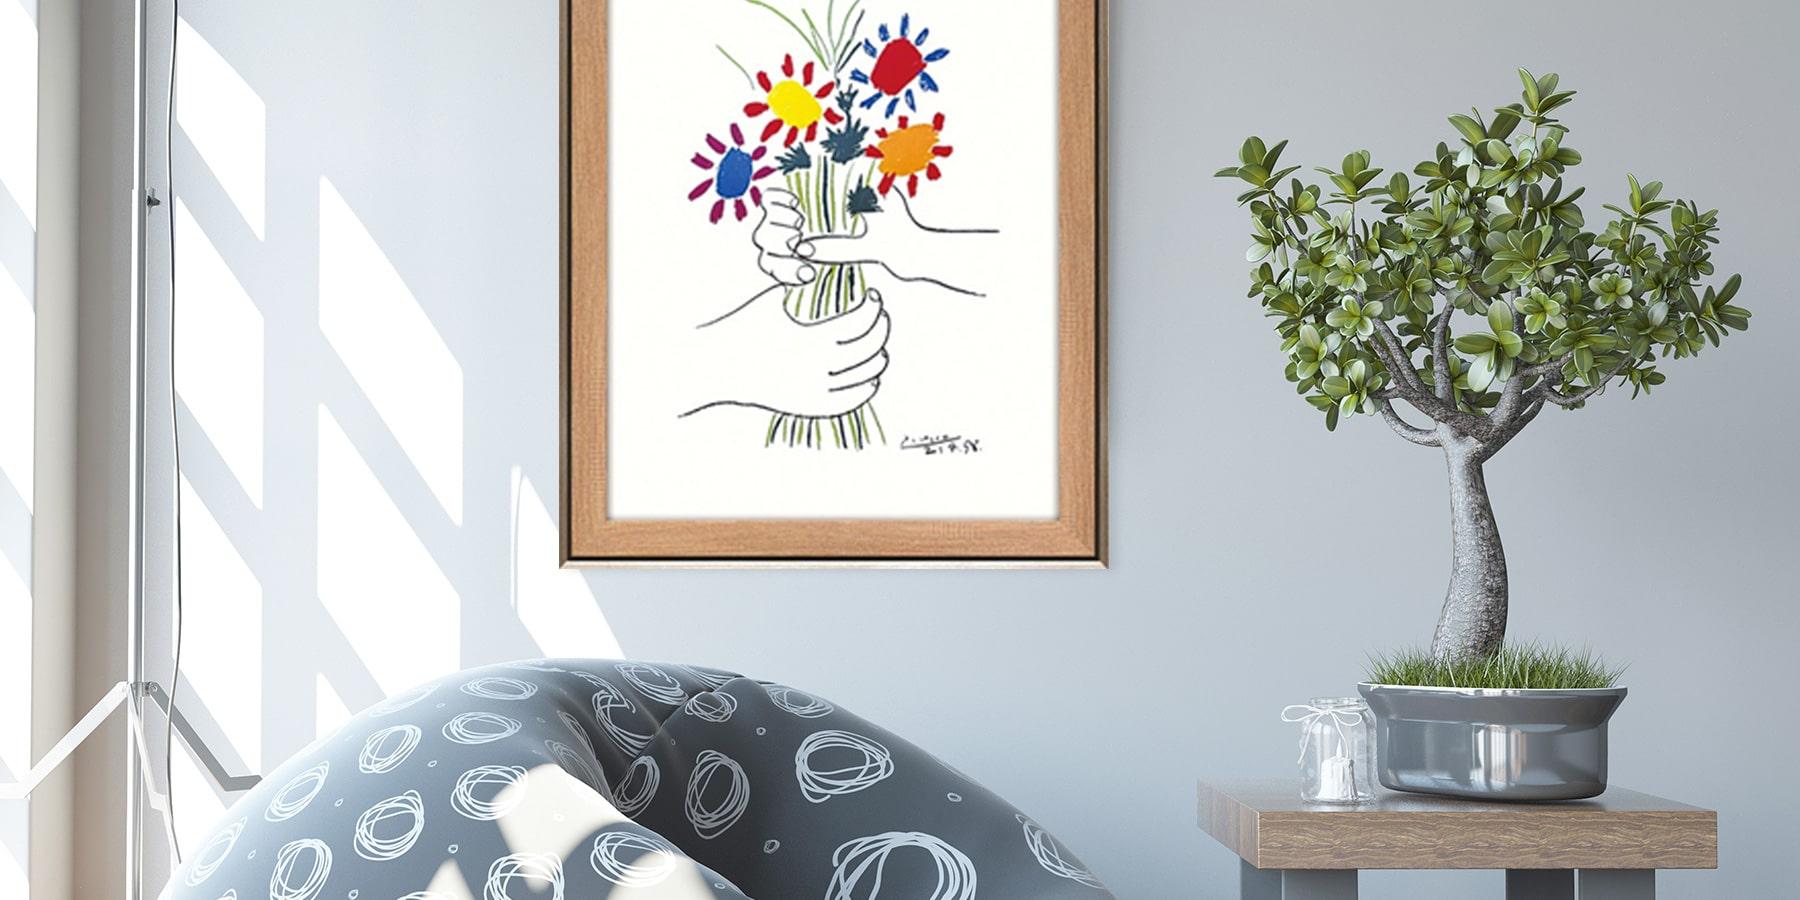 アート 壁掛け インテリア 絵画 ピカソ 額入り アートパネル パブロ ピカソ 花束を持つ手